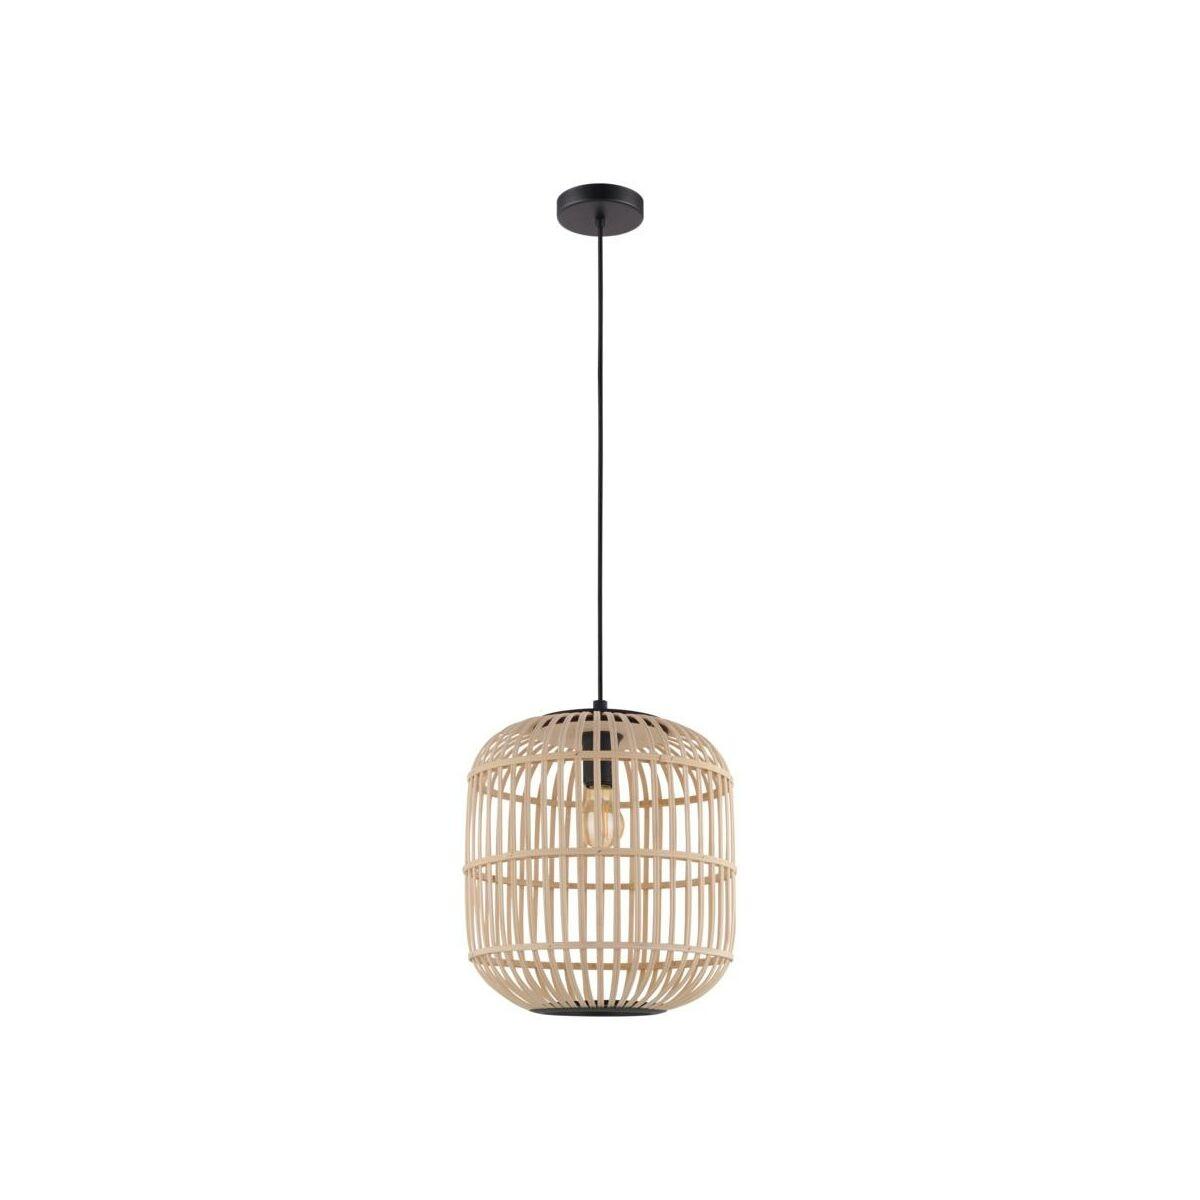 lampy z drewna keroy merlin